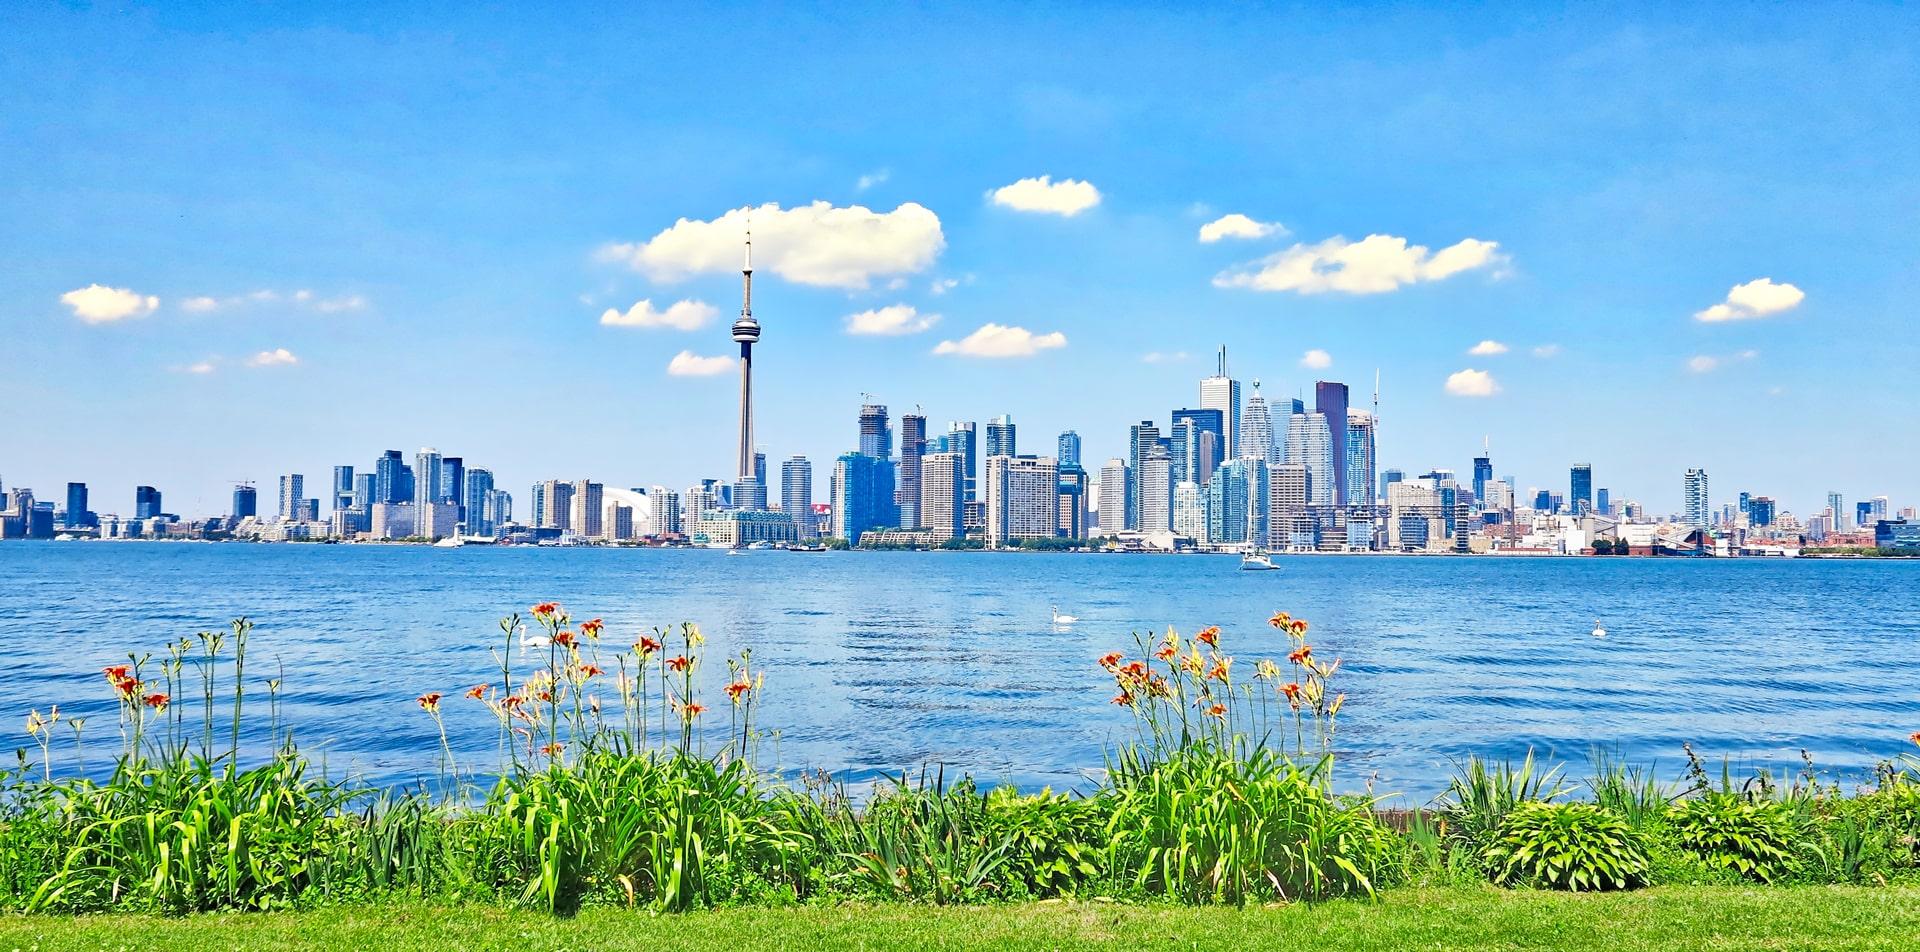 Campamento de verano en Toronto + curso para jóvenes adolescentes de inglés